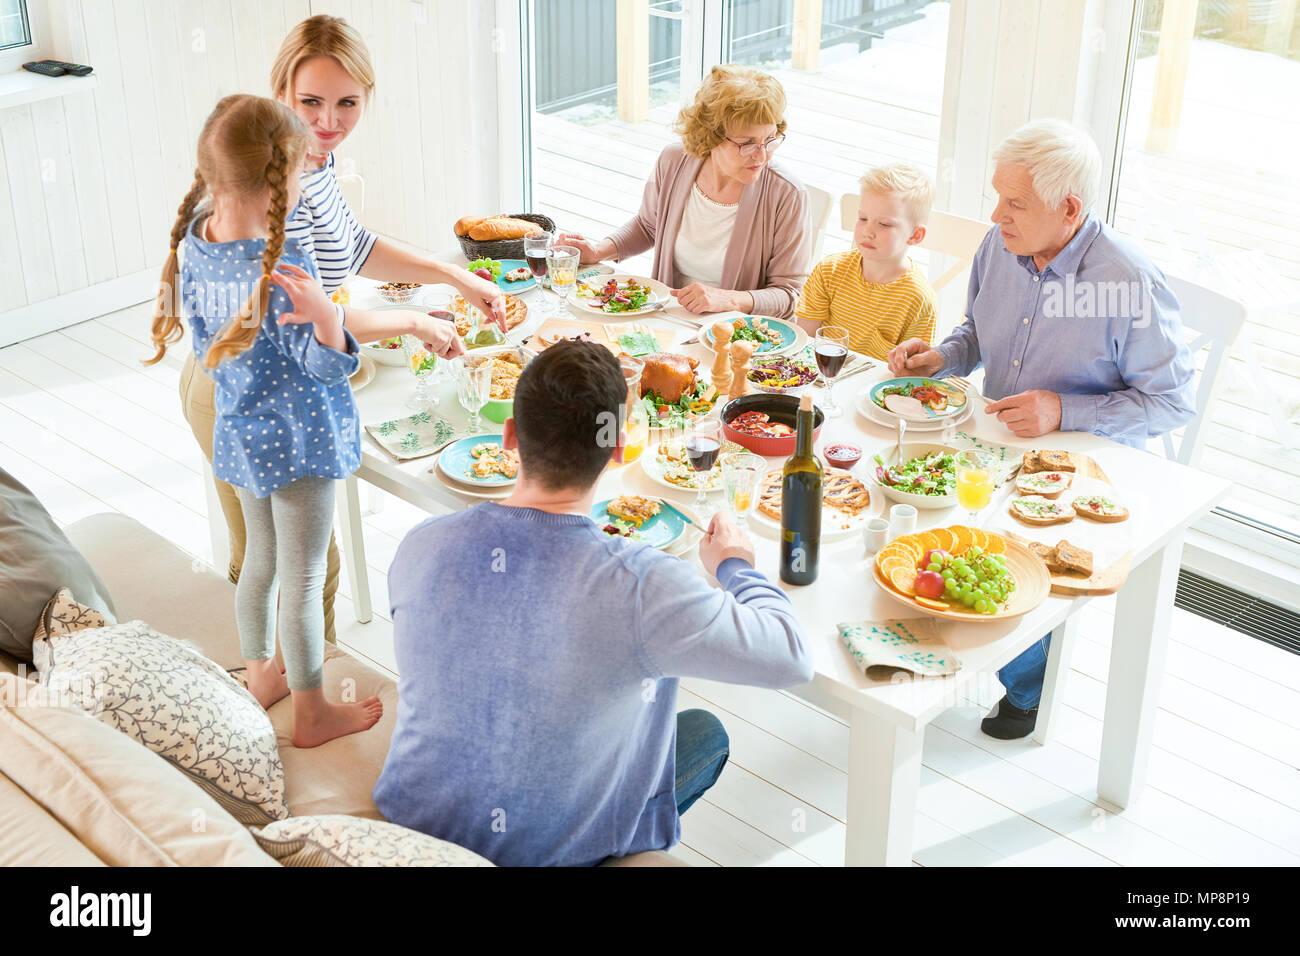 Glückliche Familie Sammeln im Sonnenlicht Stockbild